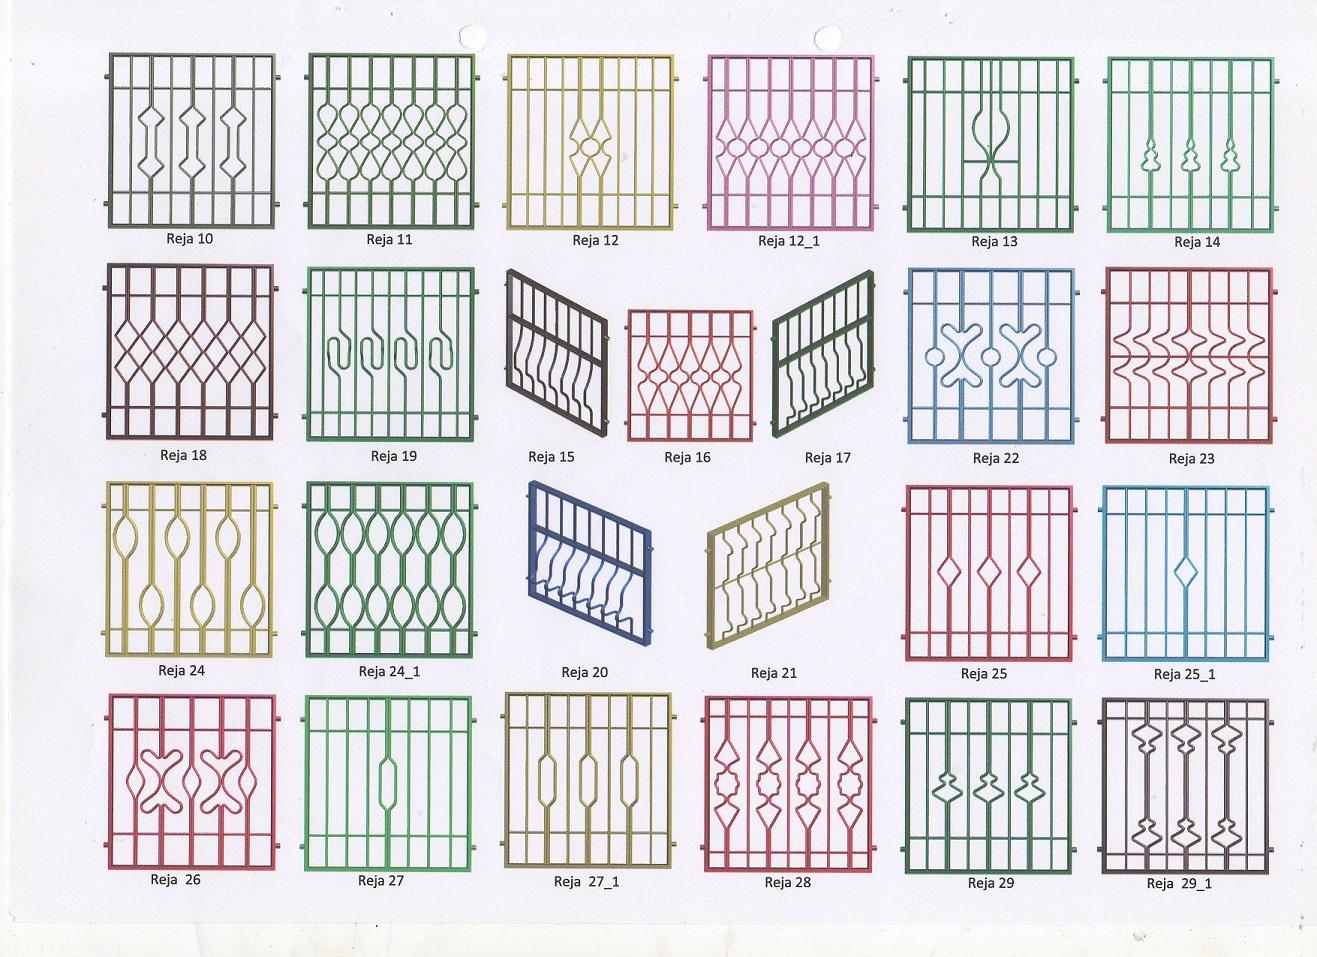 Rejas fijas para puertas y ventanas rejas y ballestas for Modelos de rejas de fierro para puertas